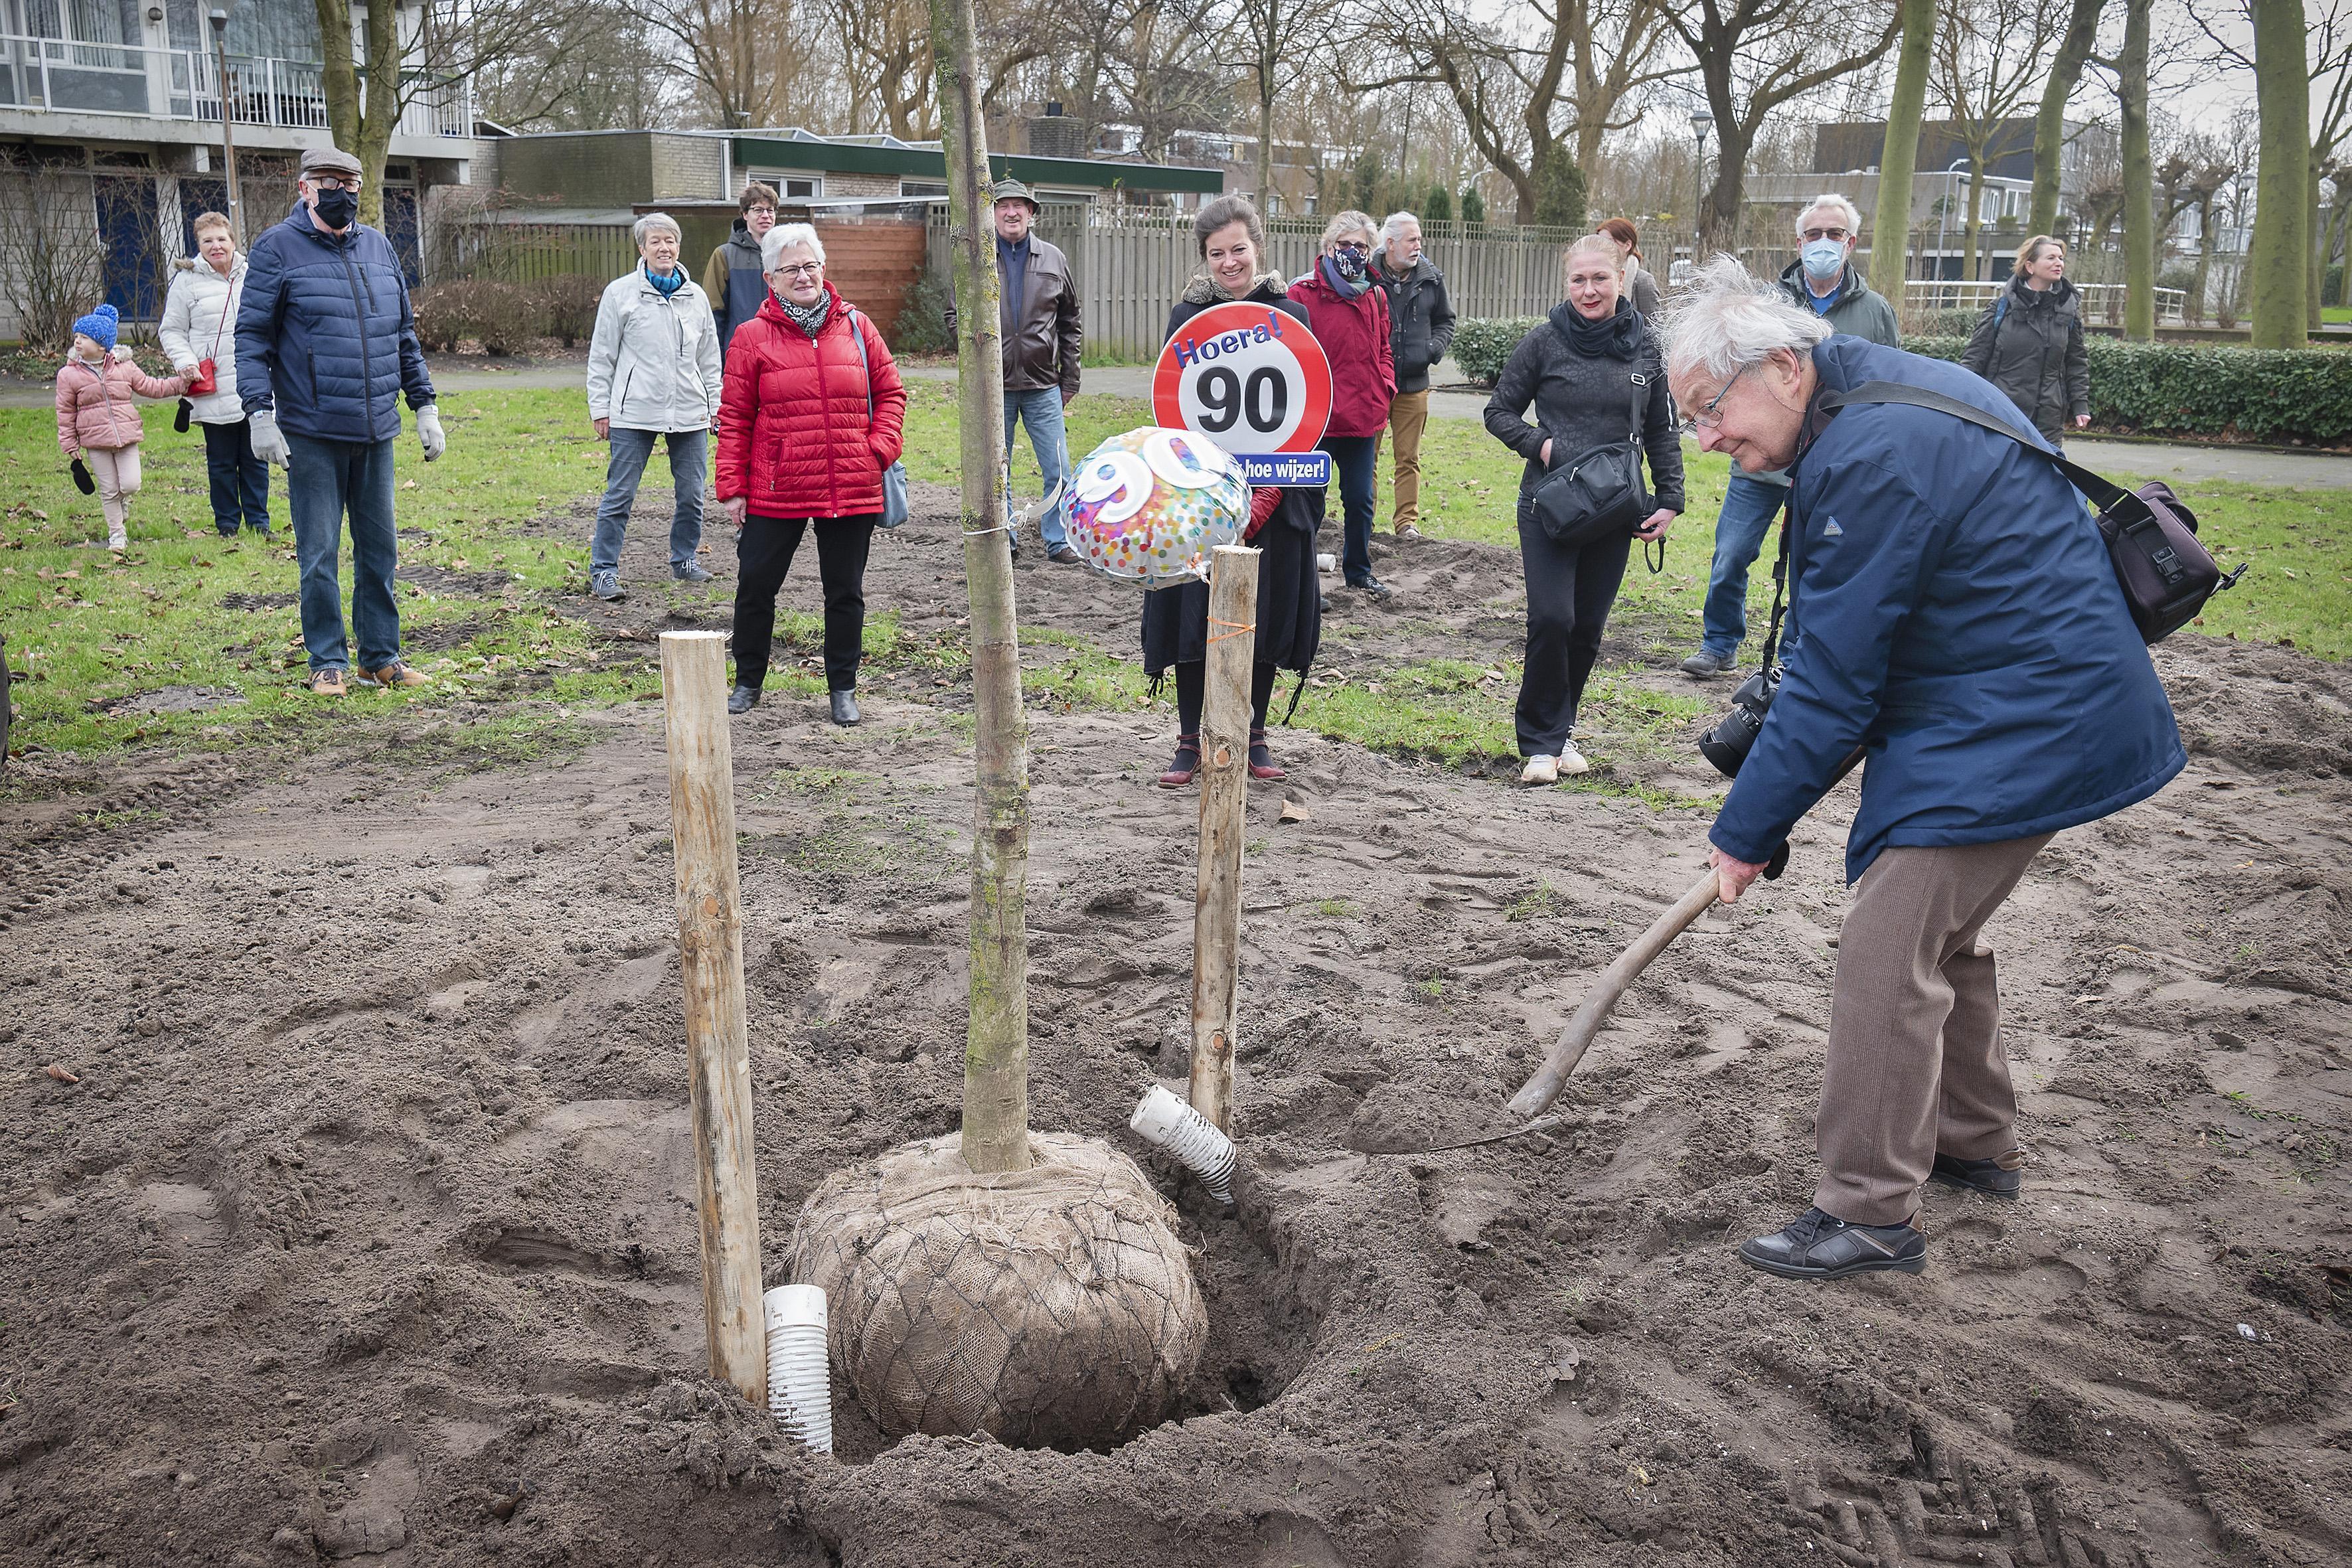 Wijkraadslid Frits Breen (90) blijft bezig met de toekomst van Haarlem-Molenwijk: 'Een wolkenkrabber van vijftig verdiepingen, waarom niet?'